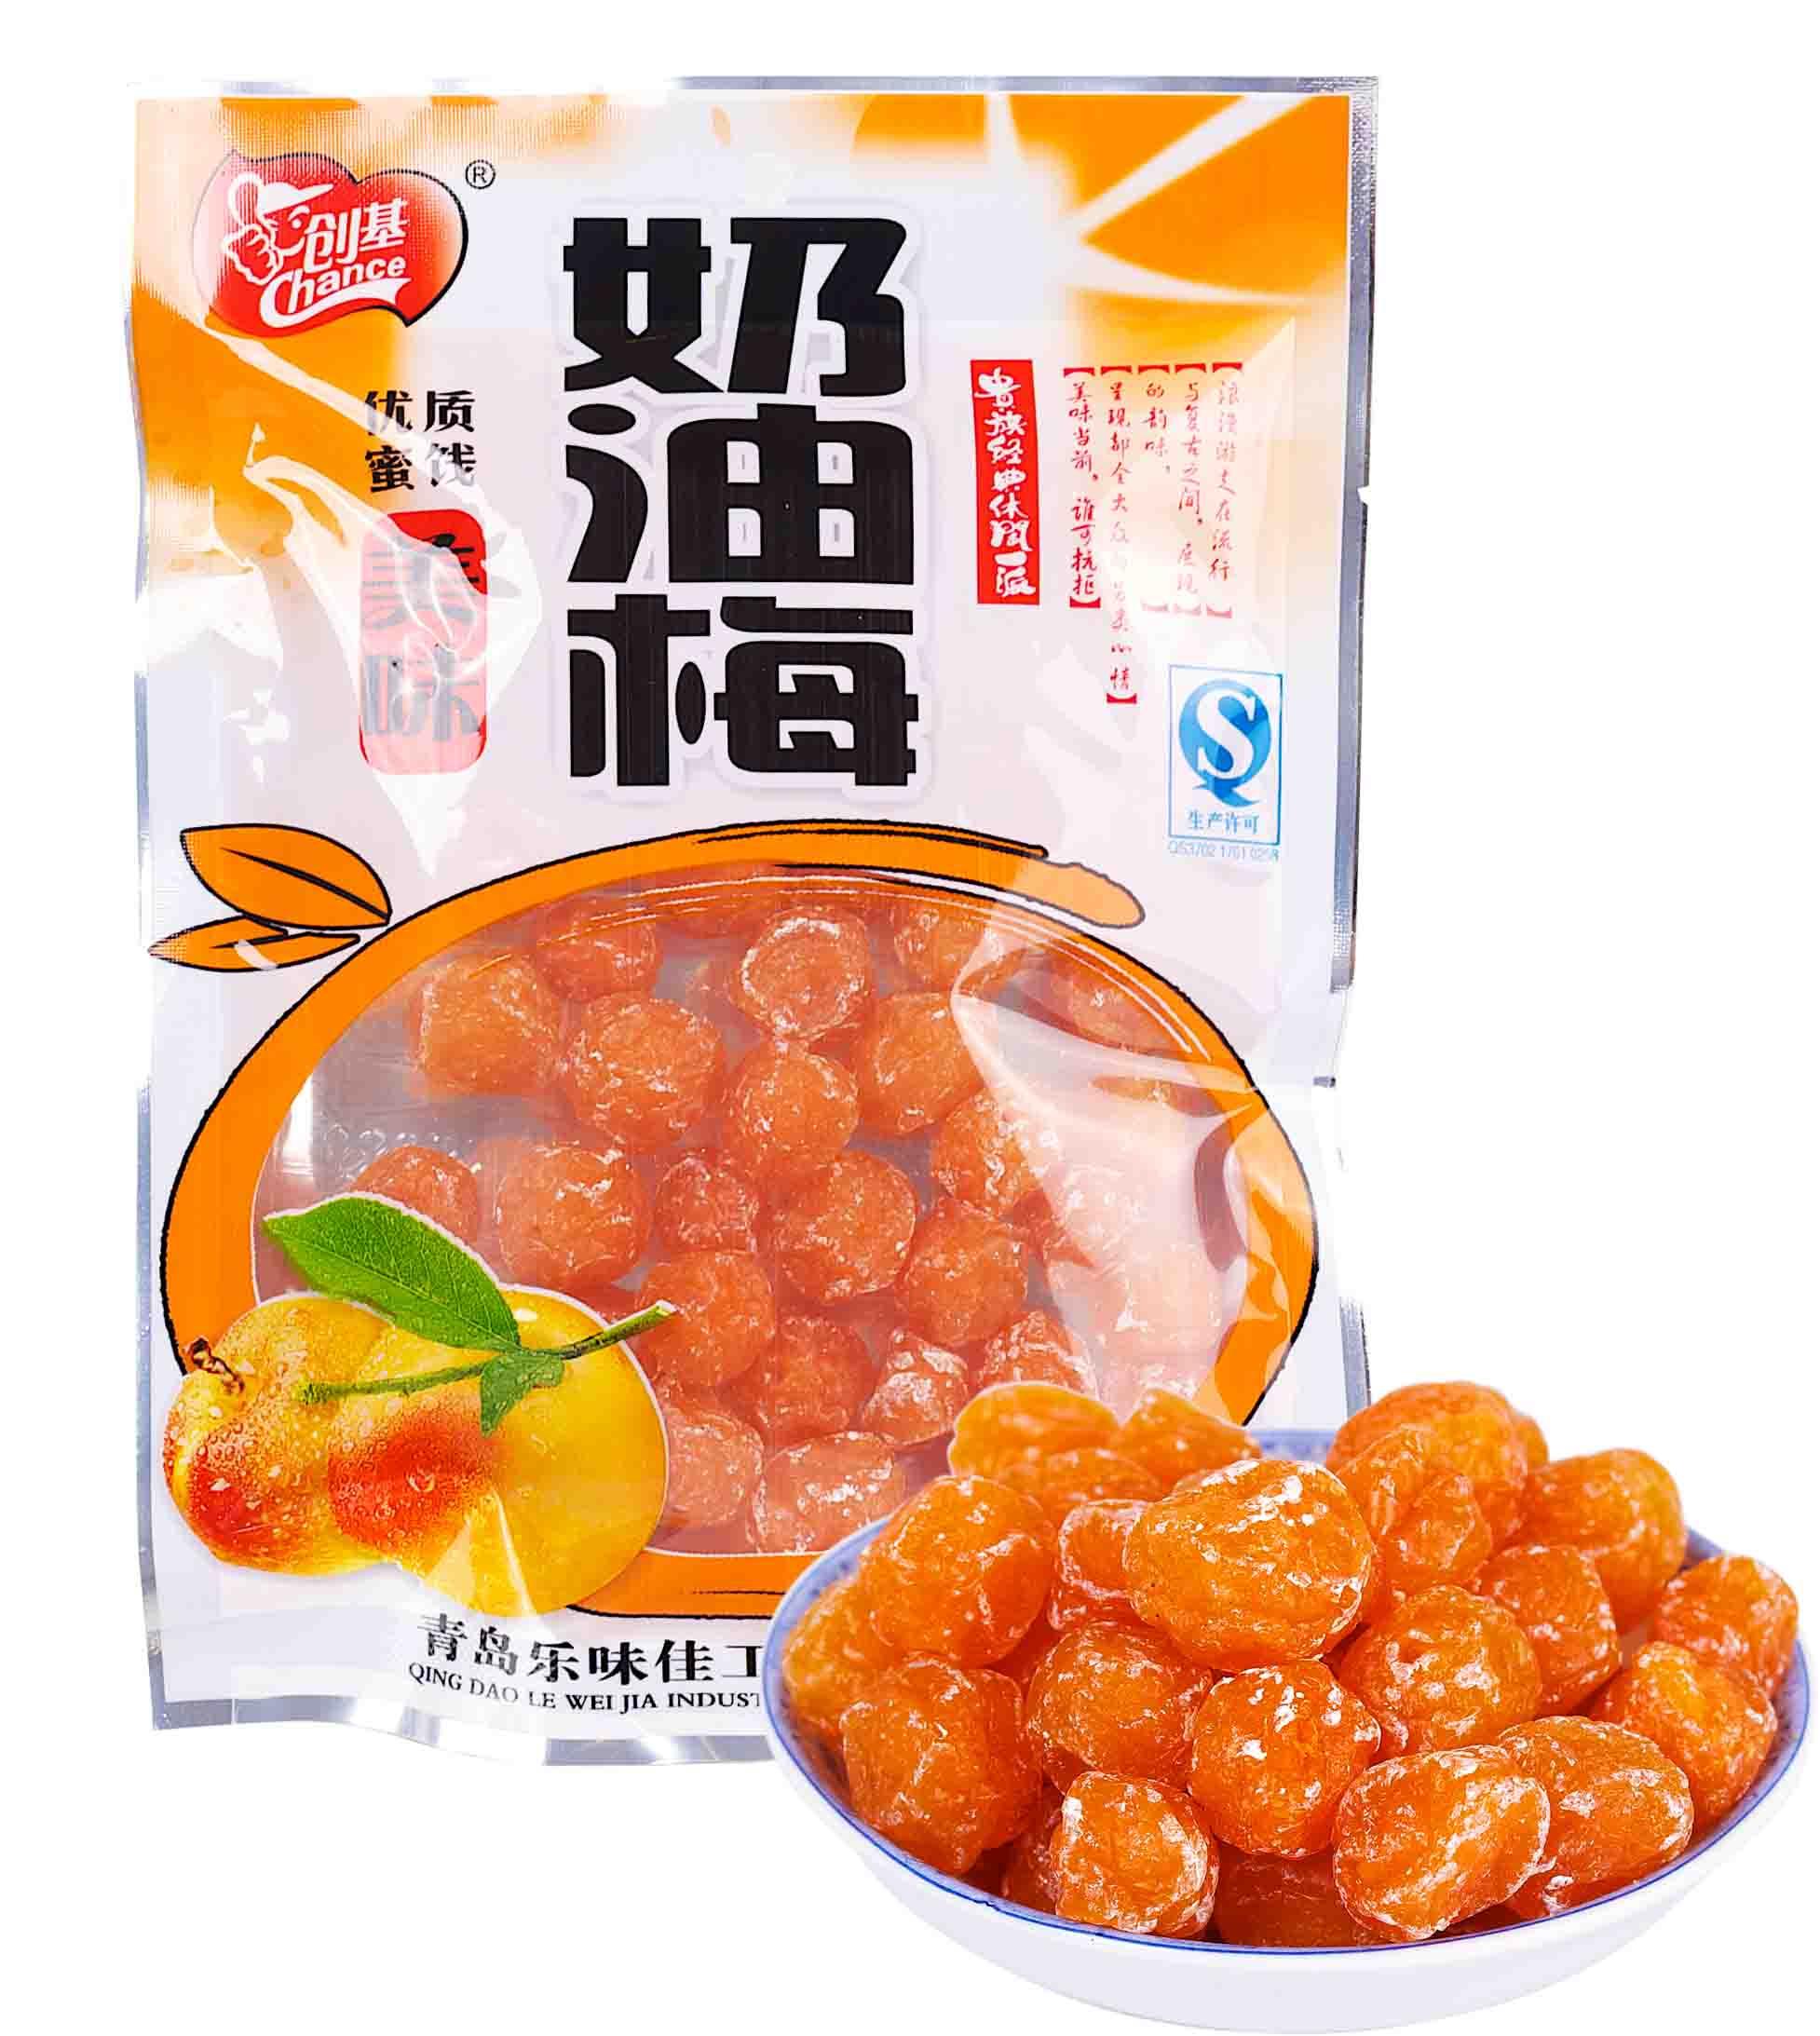 【乐味佳】 创基 奶油梅 话梅果干蜜饯 甘甜可口160g 满12包邮